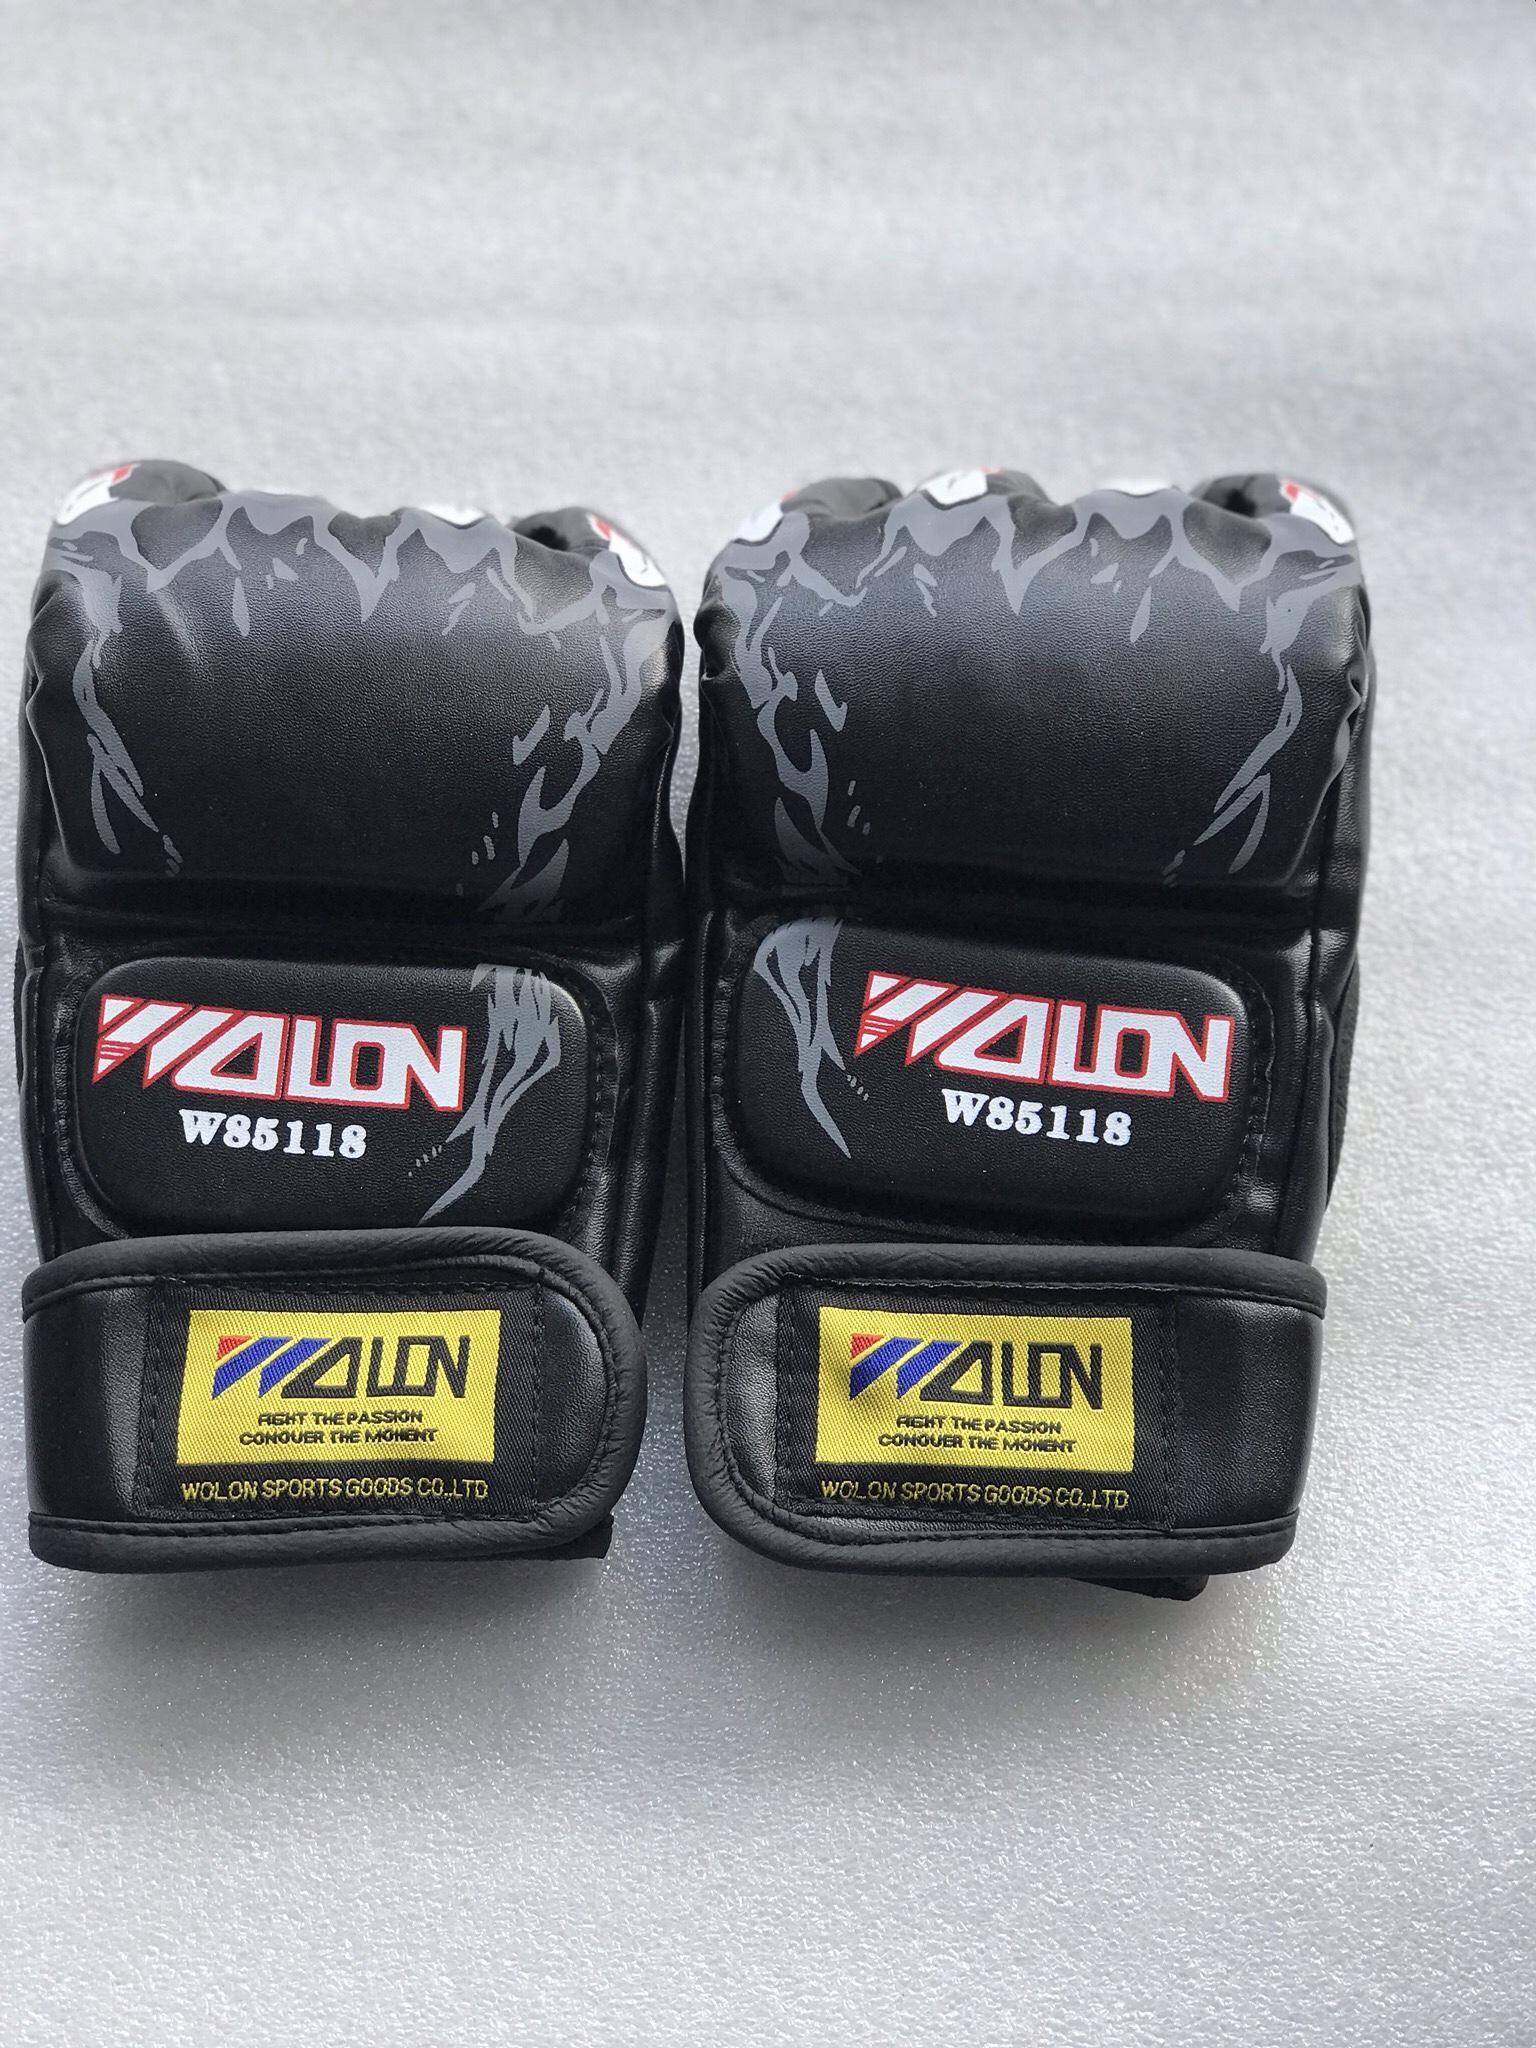 Găng MMA  muya thái võ tự do nhập khẩu Nhật Bản